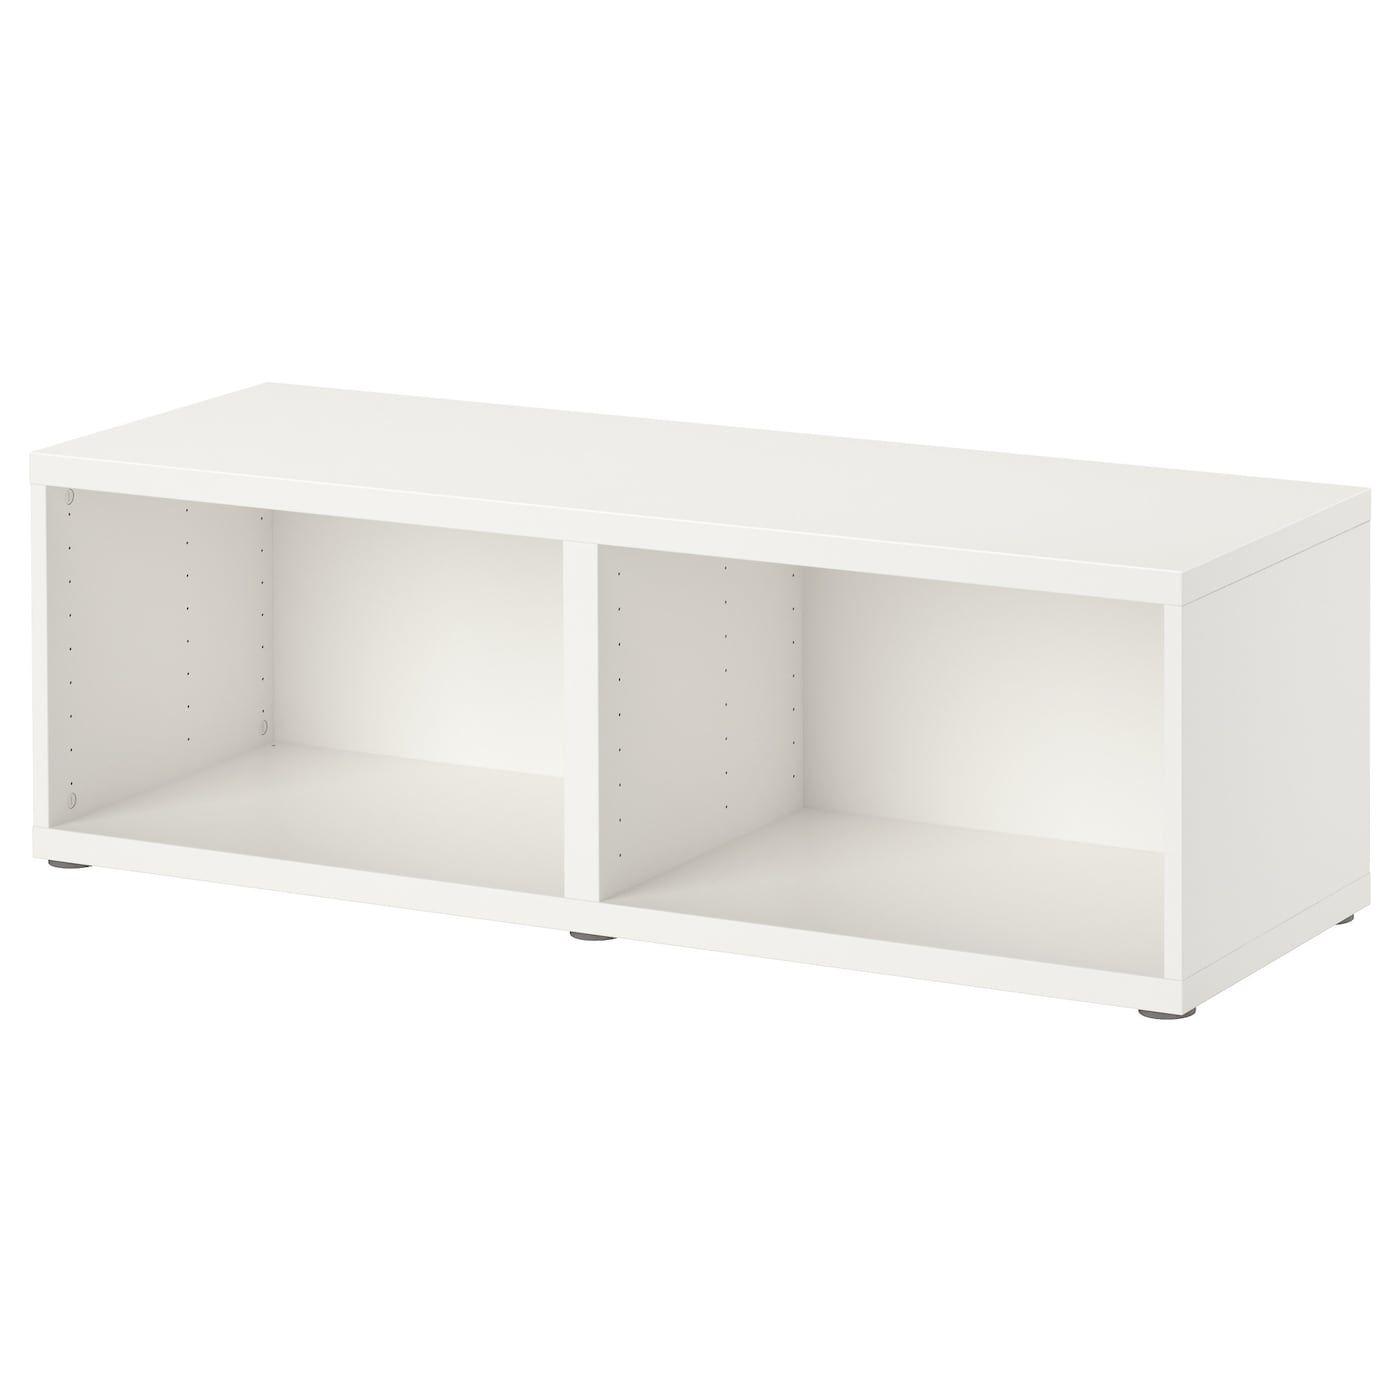 Bestå Structure Blanc Idée Chambre Damis Ikea Et